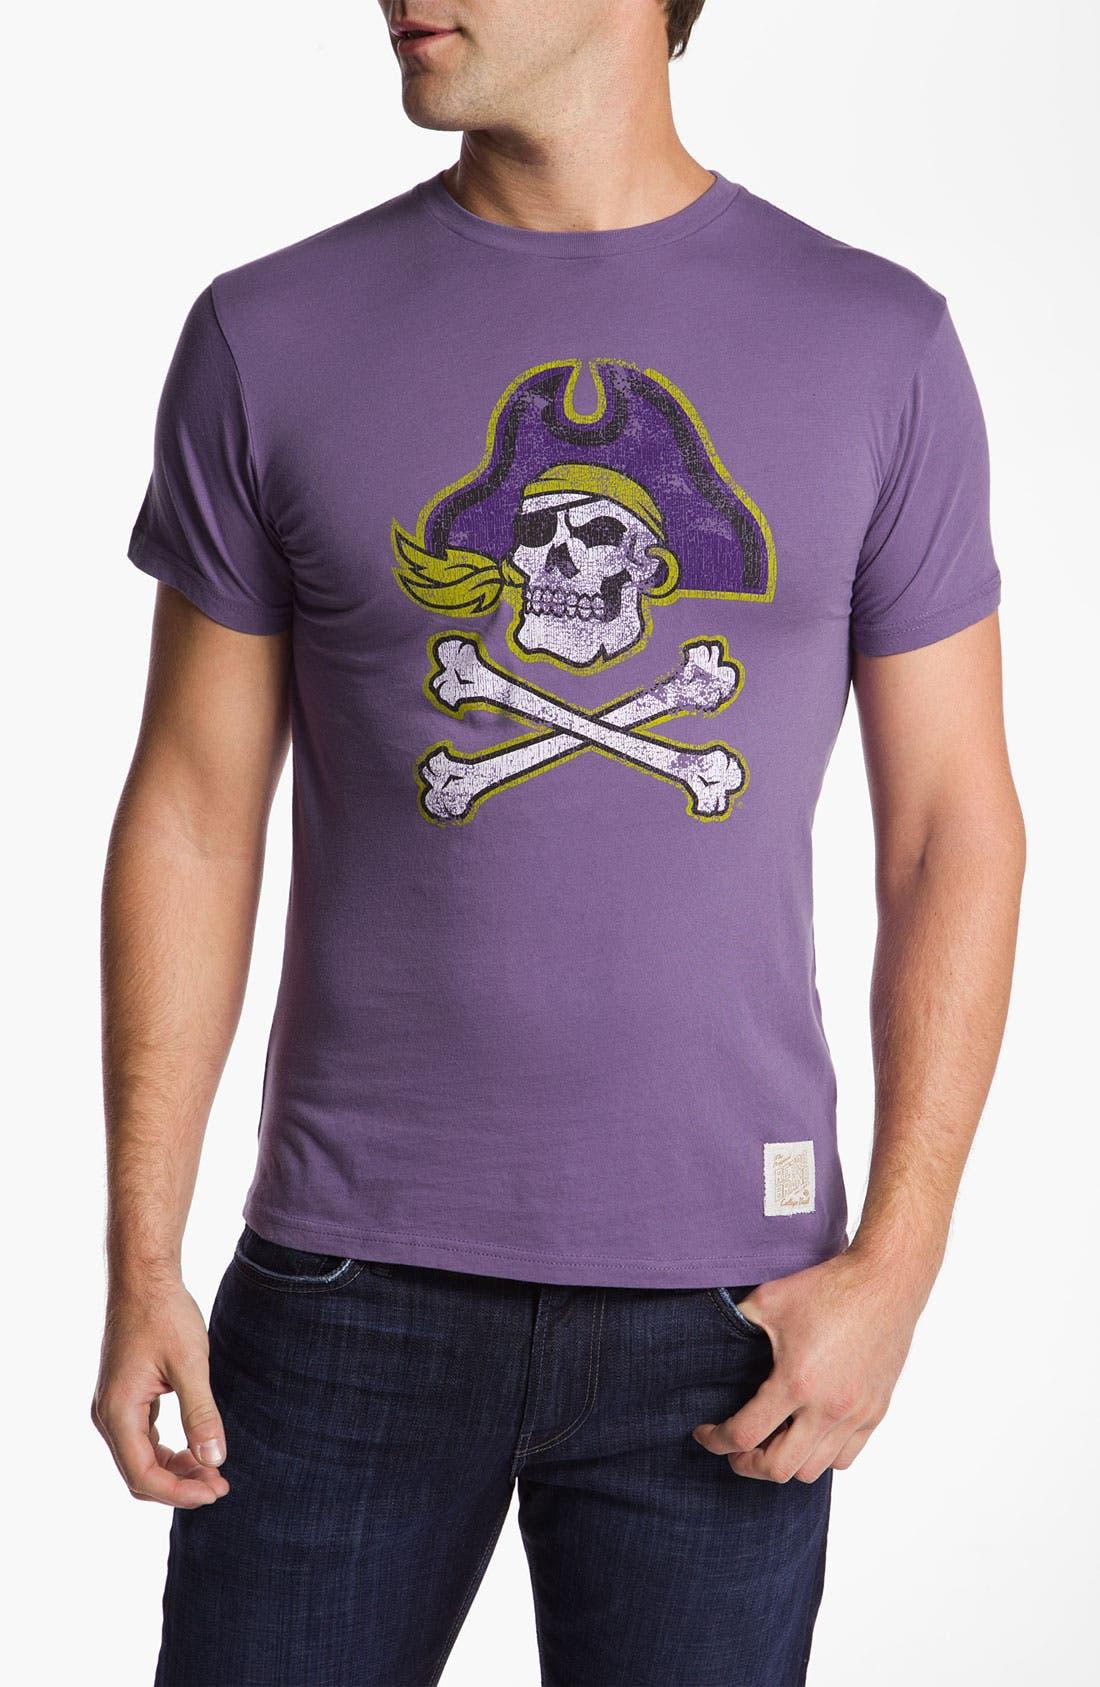 Main Image - The Original Retro Brand 'East Carolina College' T-Shirt